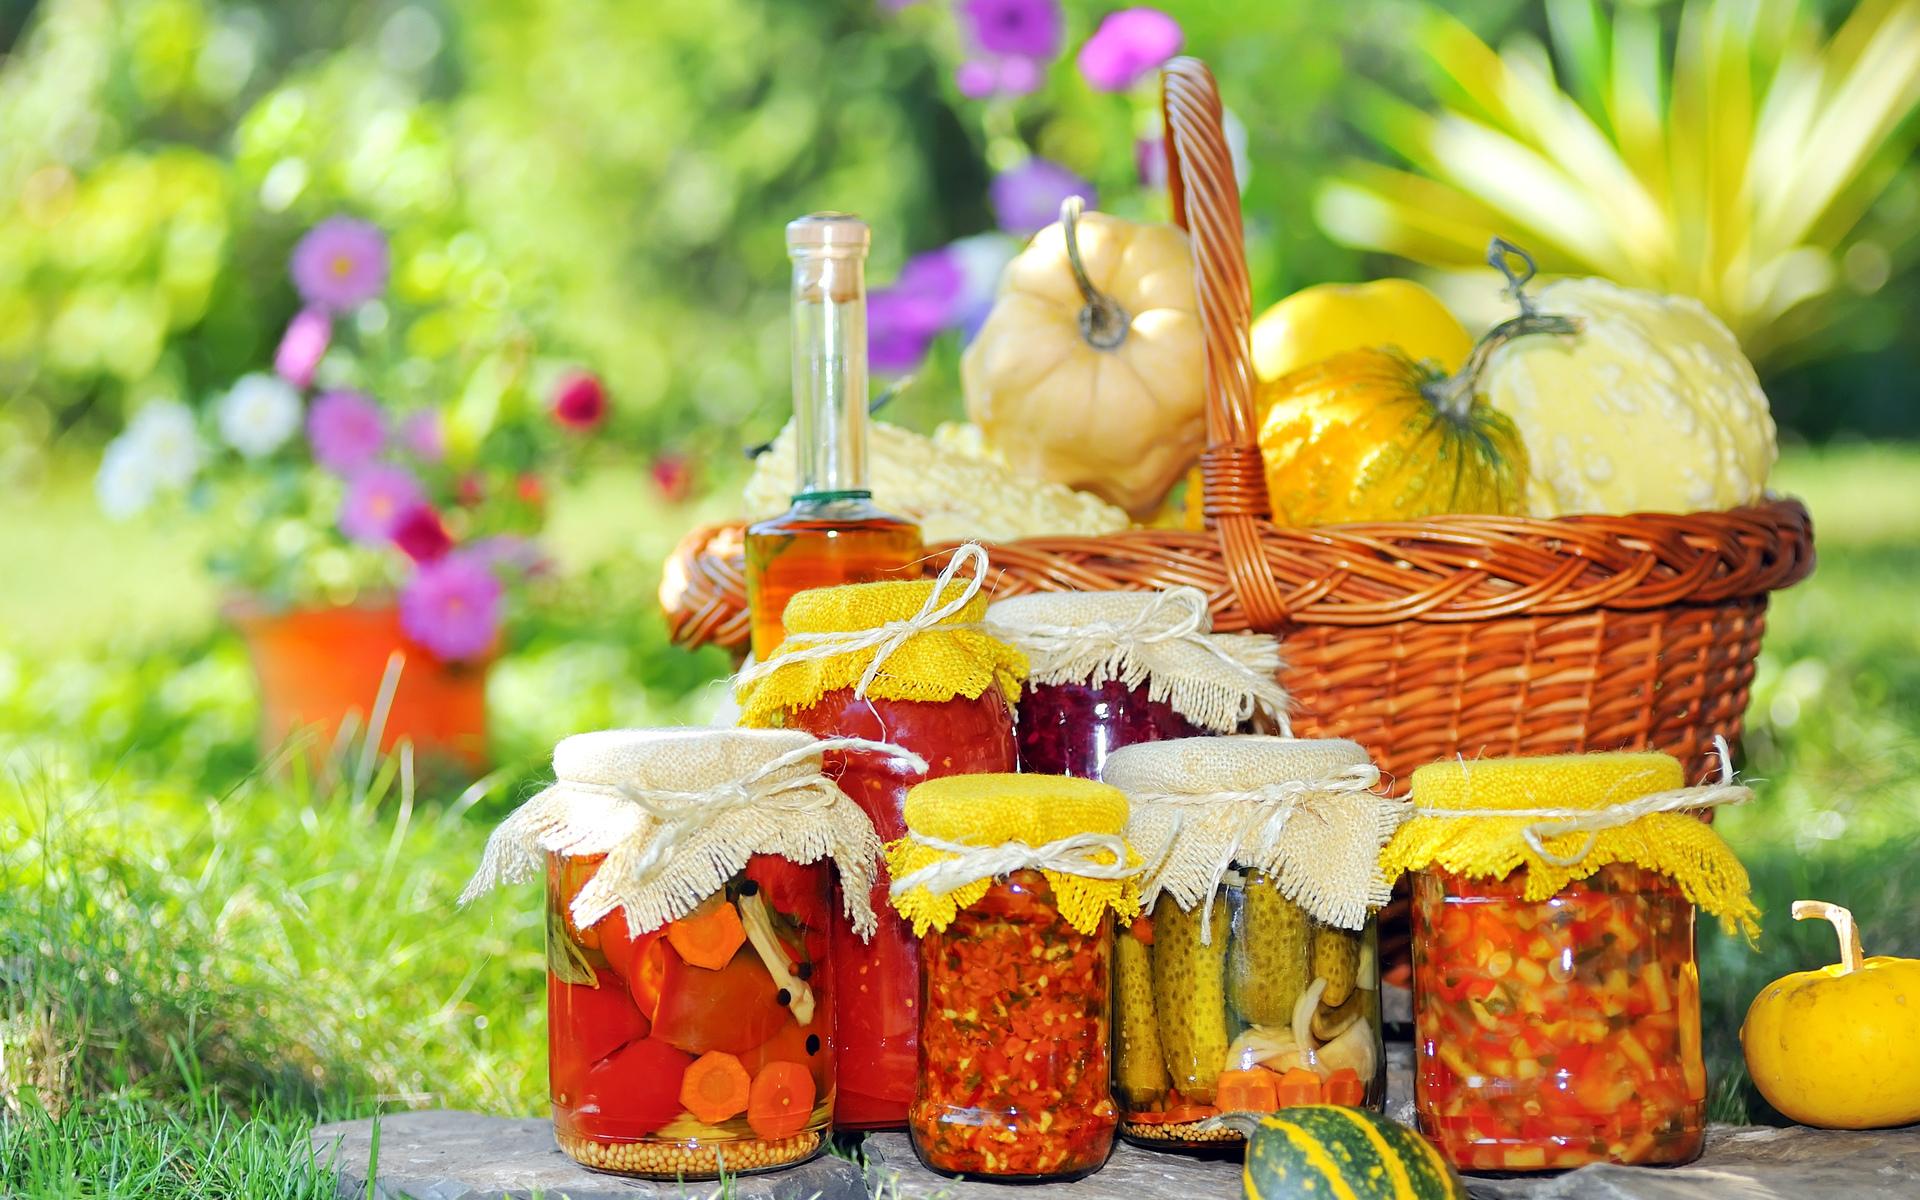 canning jars glass vegetables still life summer oil wallpaper 1920x1200 52751 wallpaperup. Black Bedroom Furniture Sets. Home Design Ideas